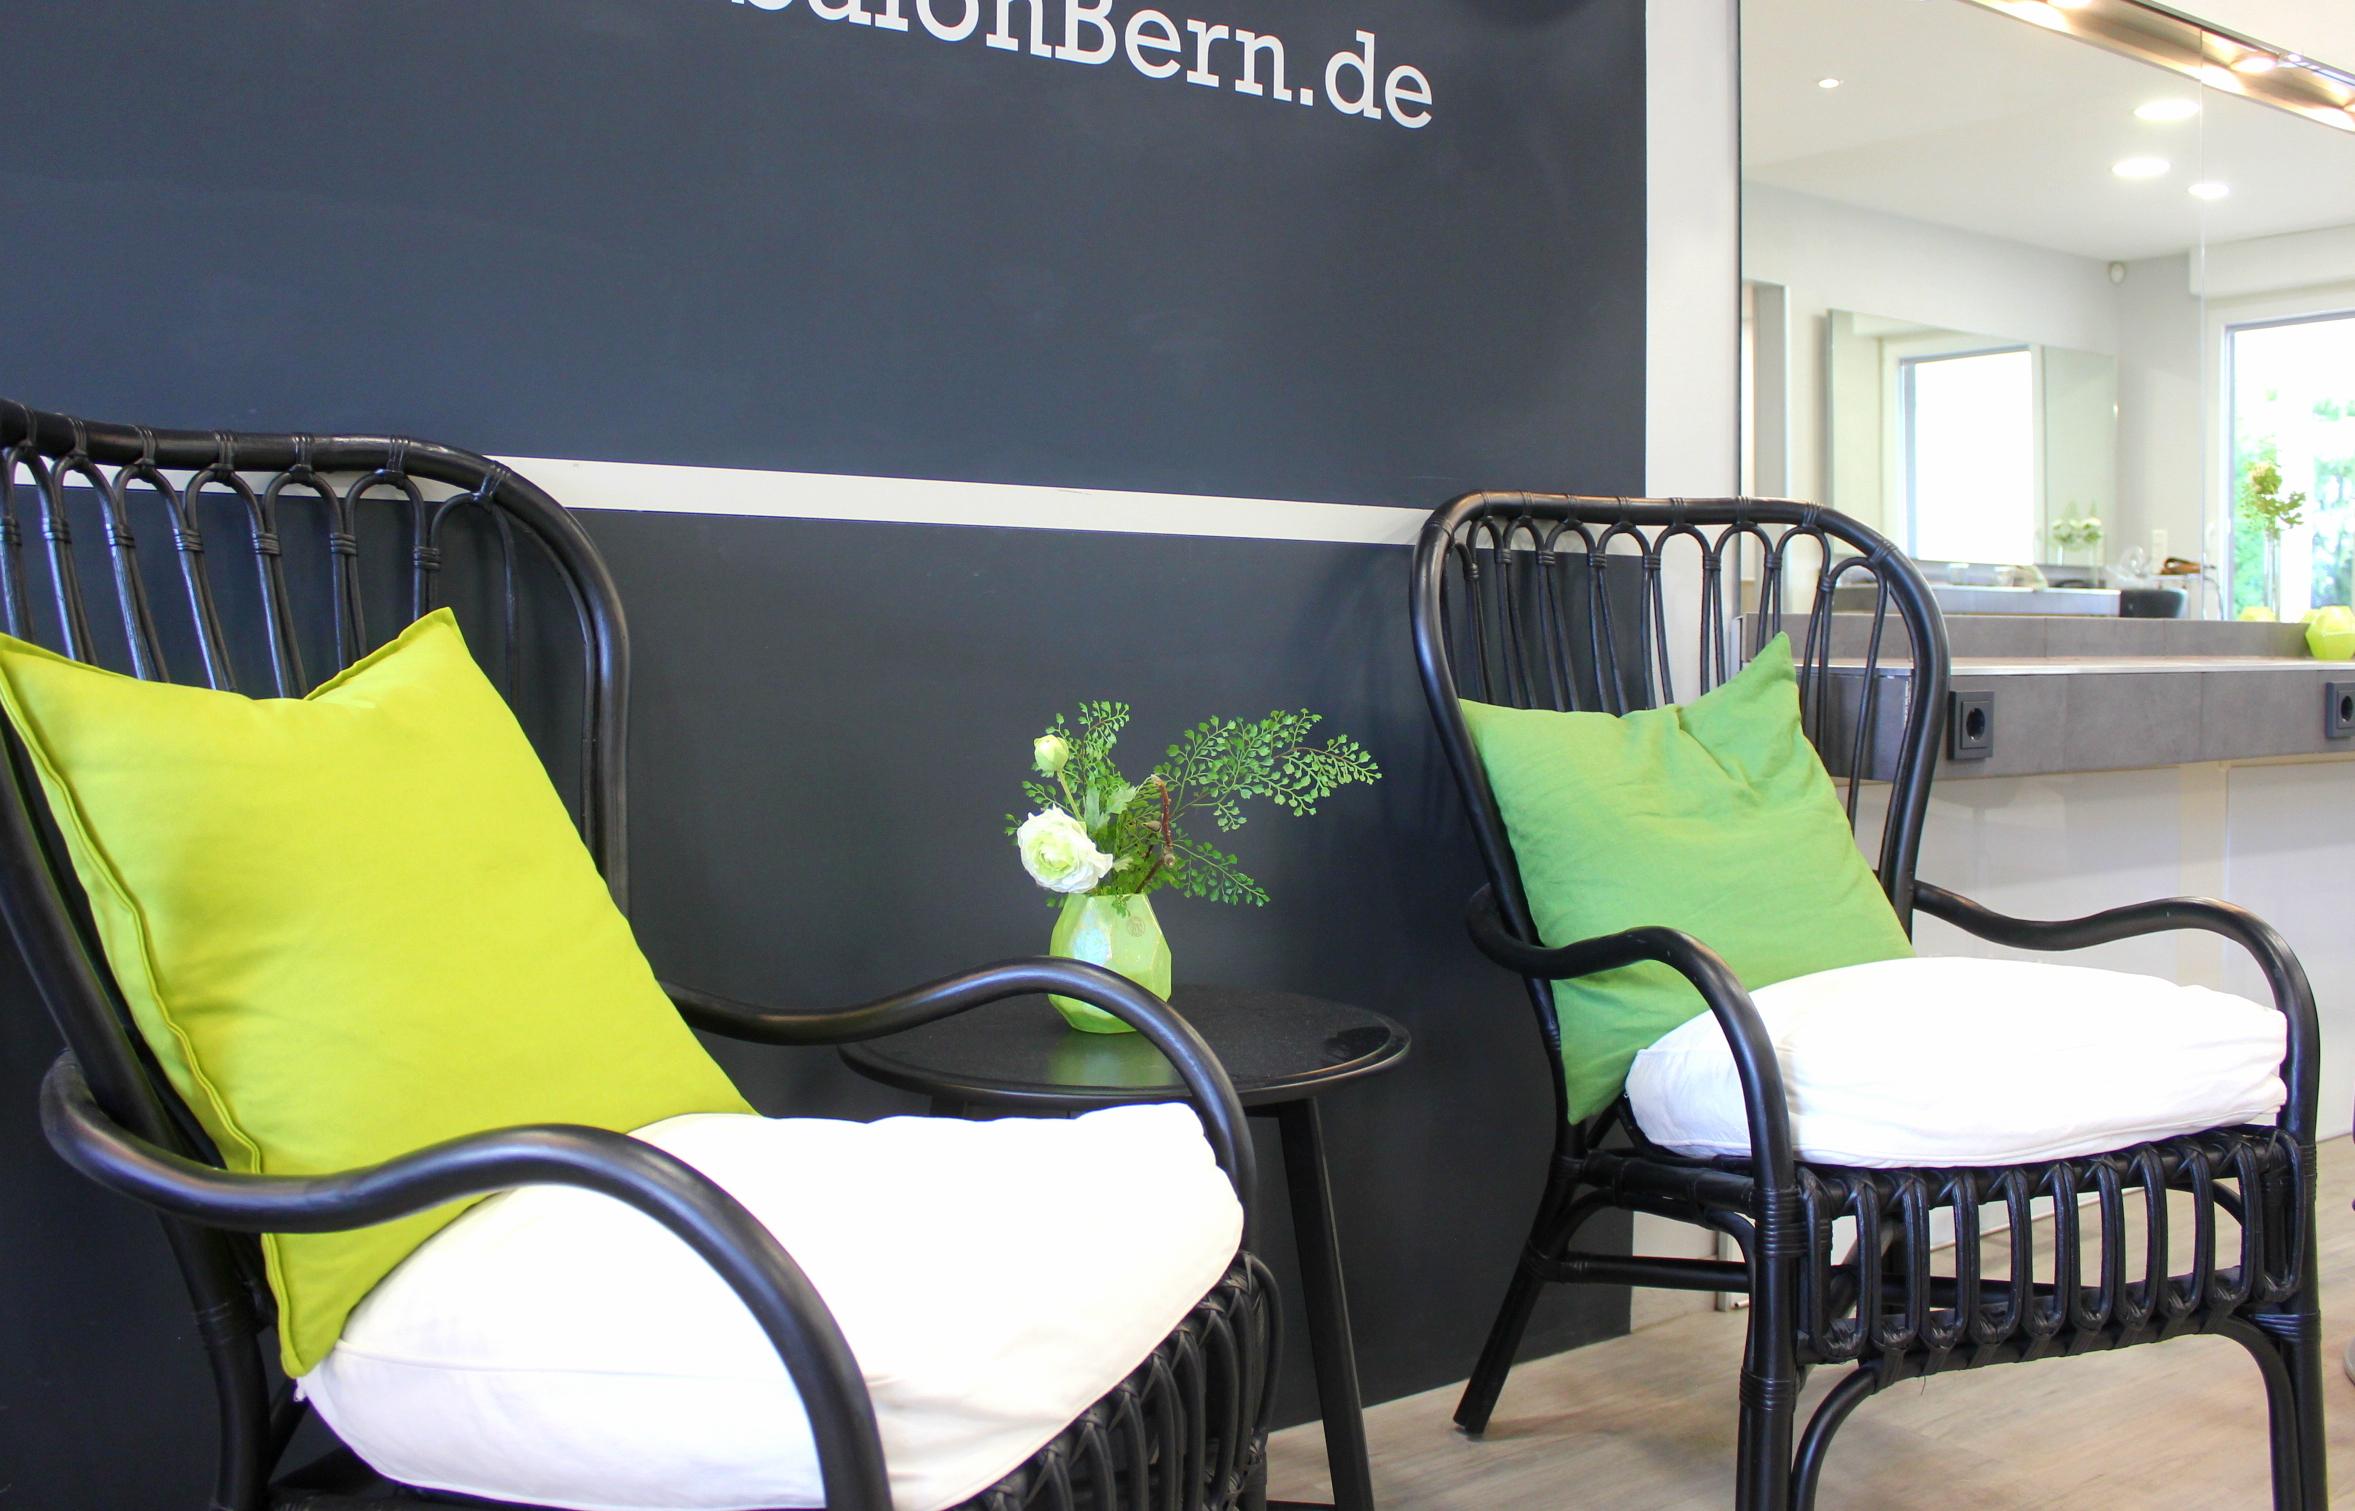 Extensions Nordrheinwestfalen: Salon Bern in Krefeld - so ...